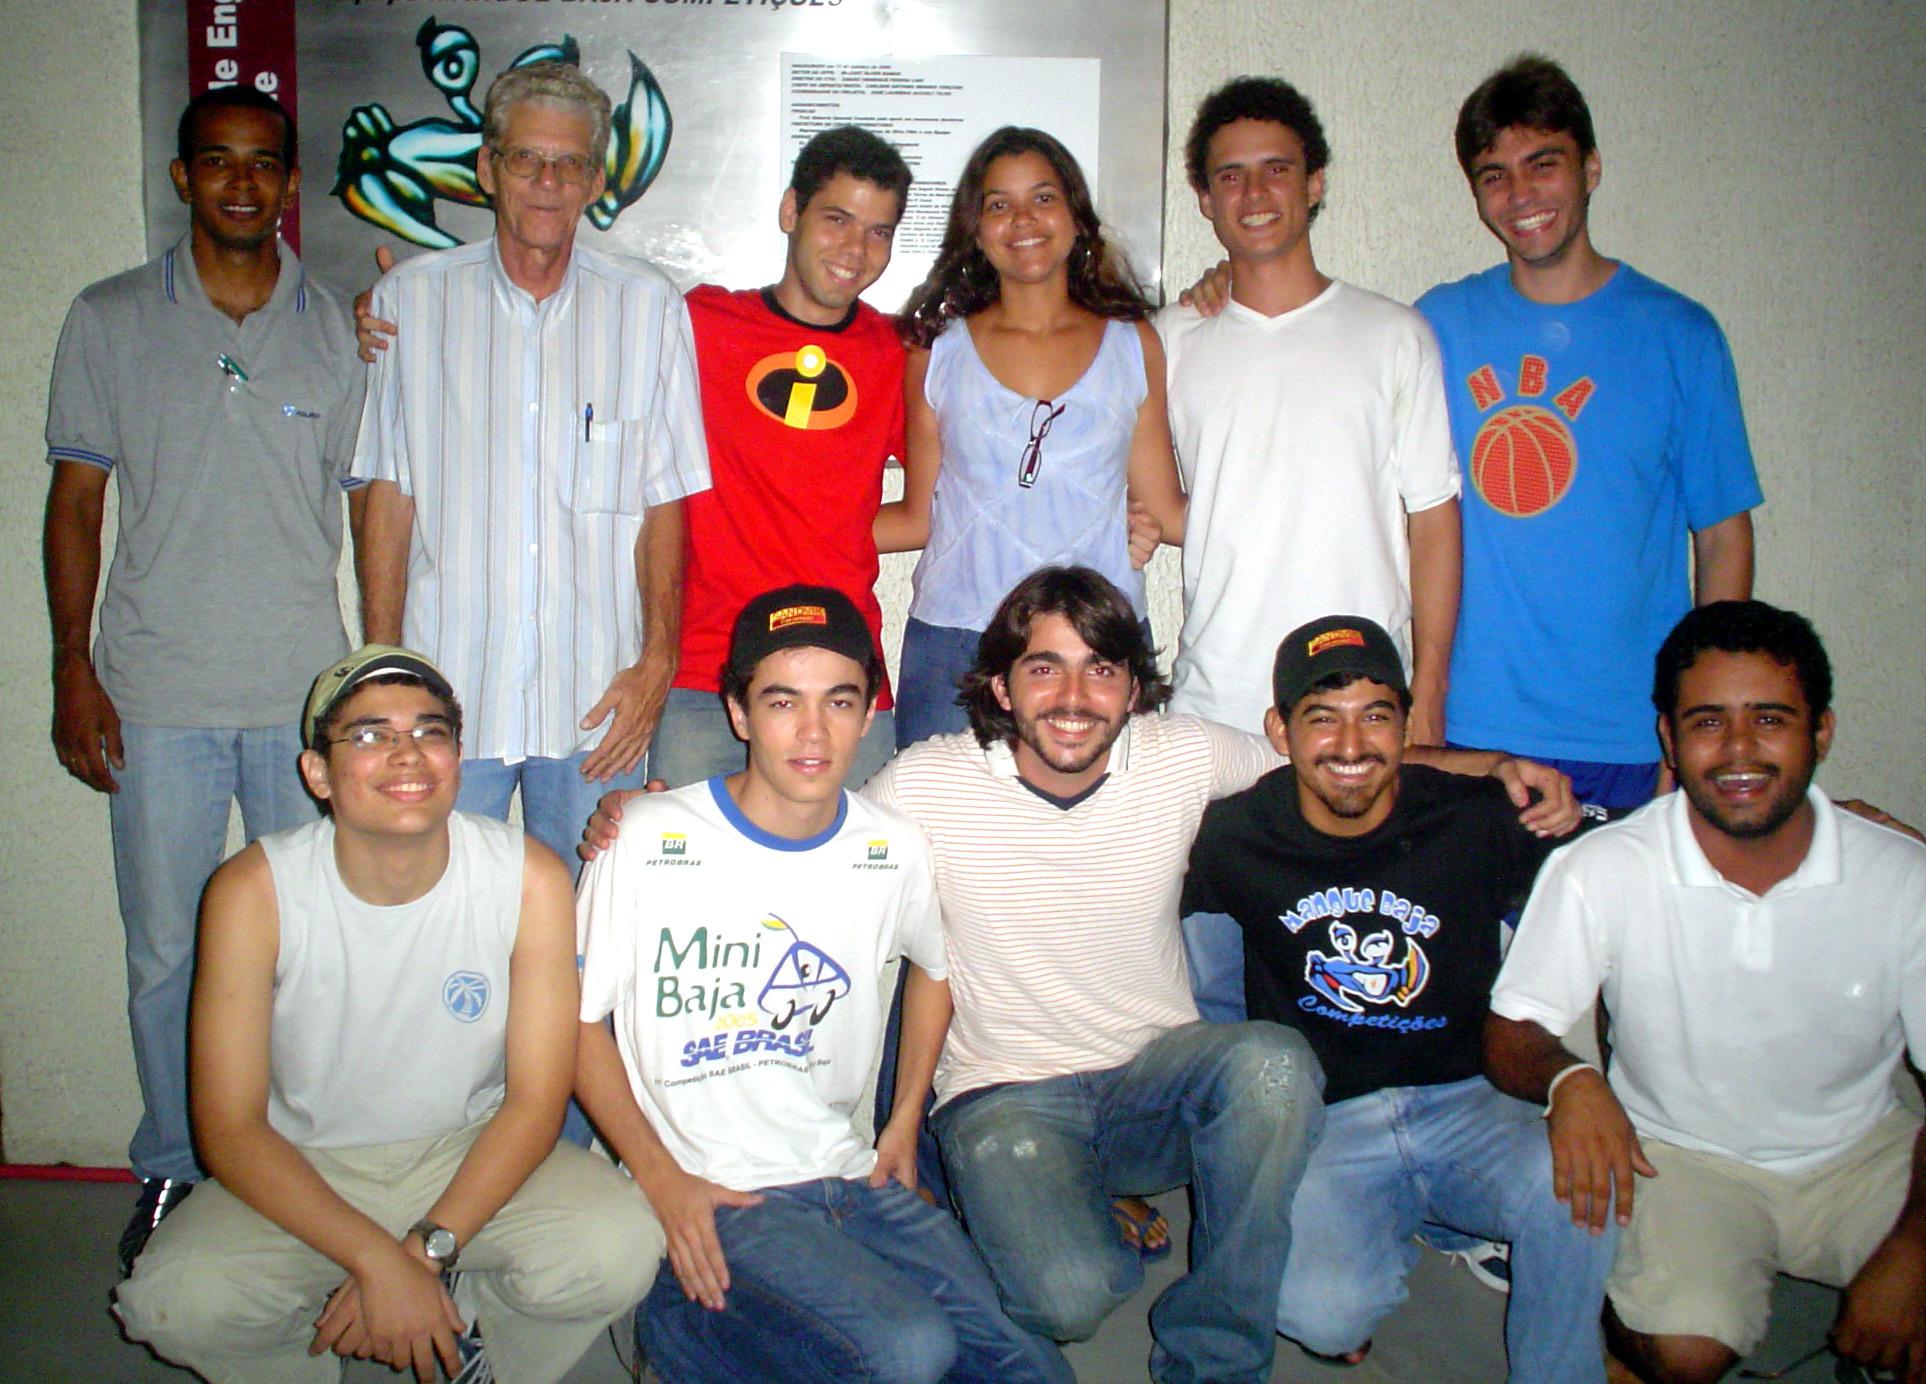 Equipe Mangue Baja 2